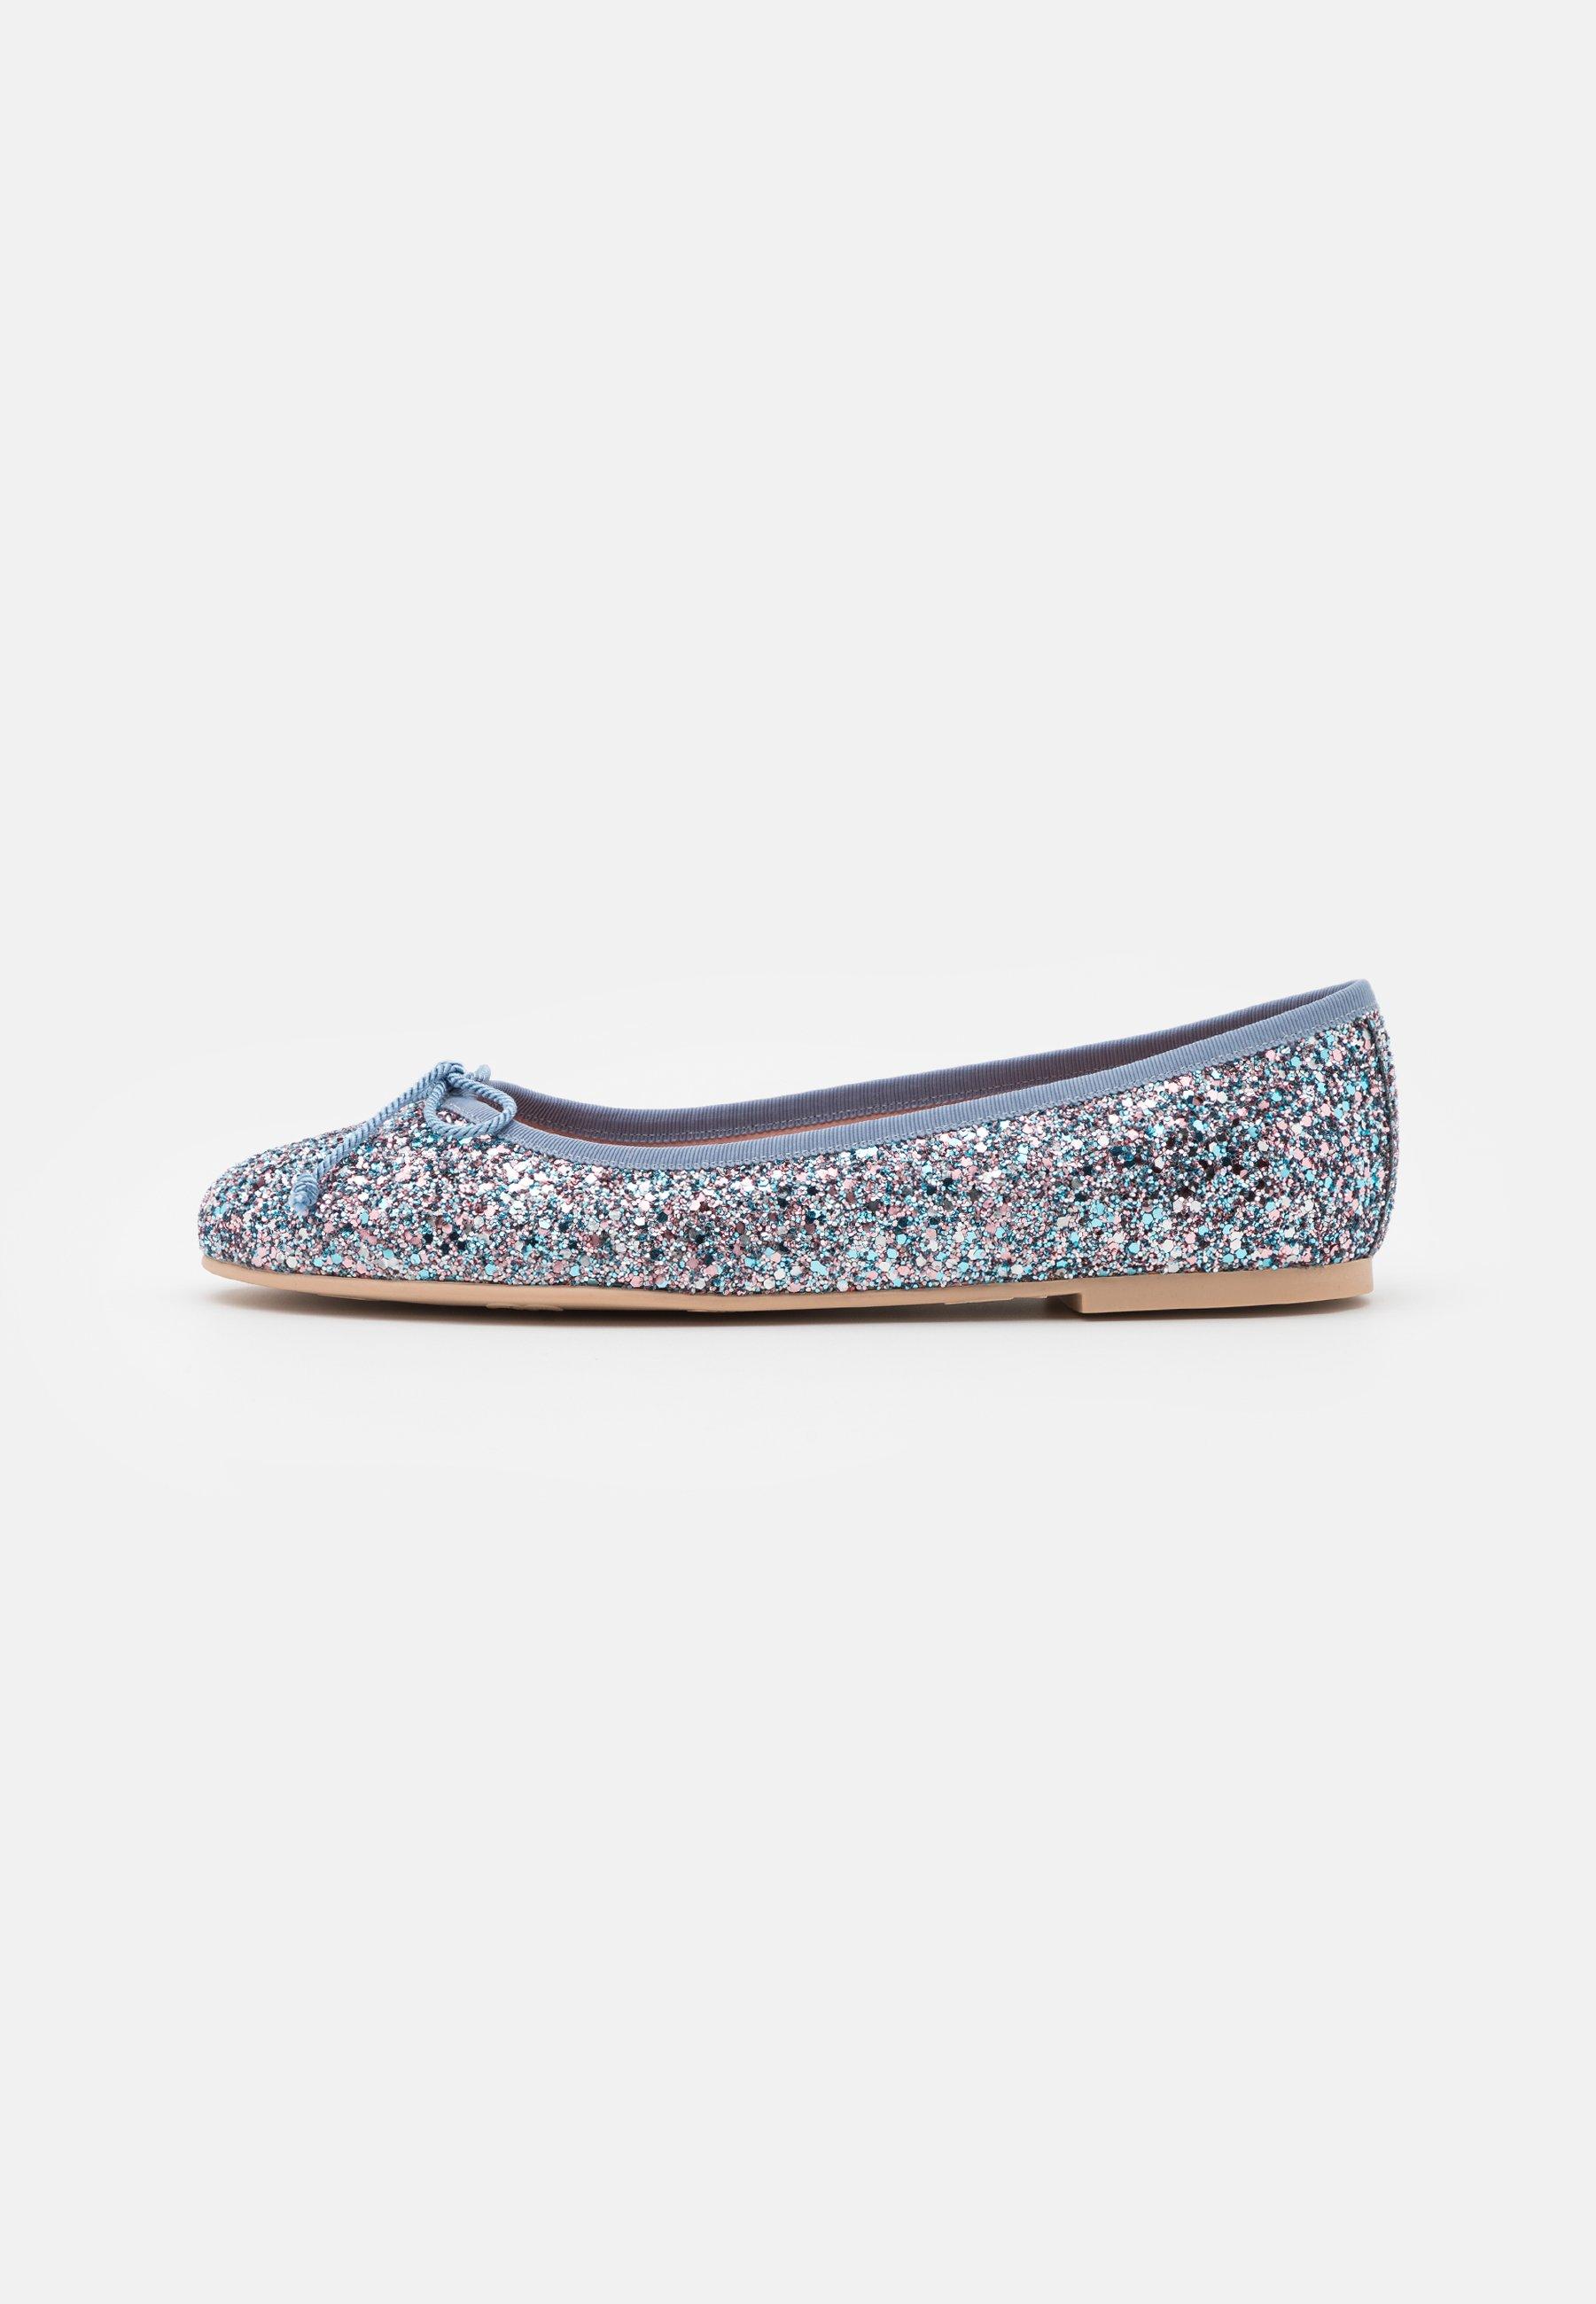 Femme Ballerines - univers light blue